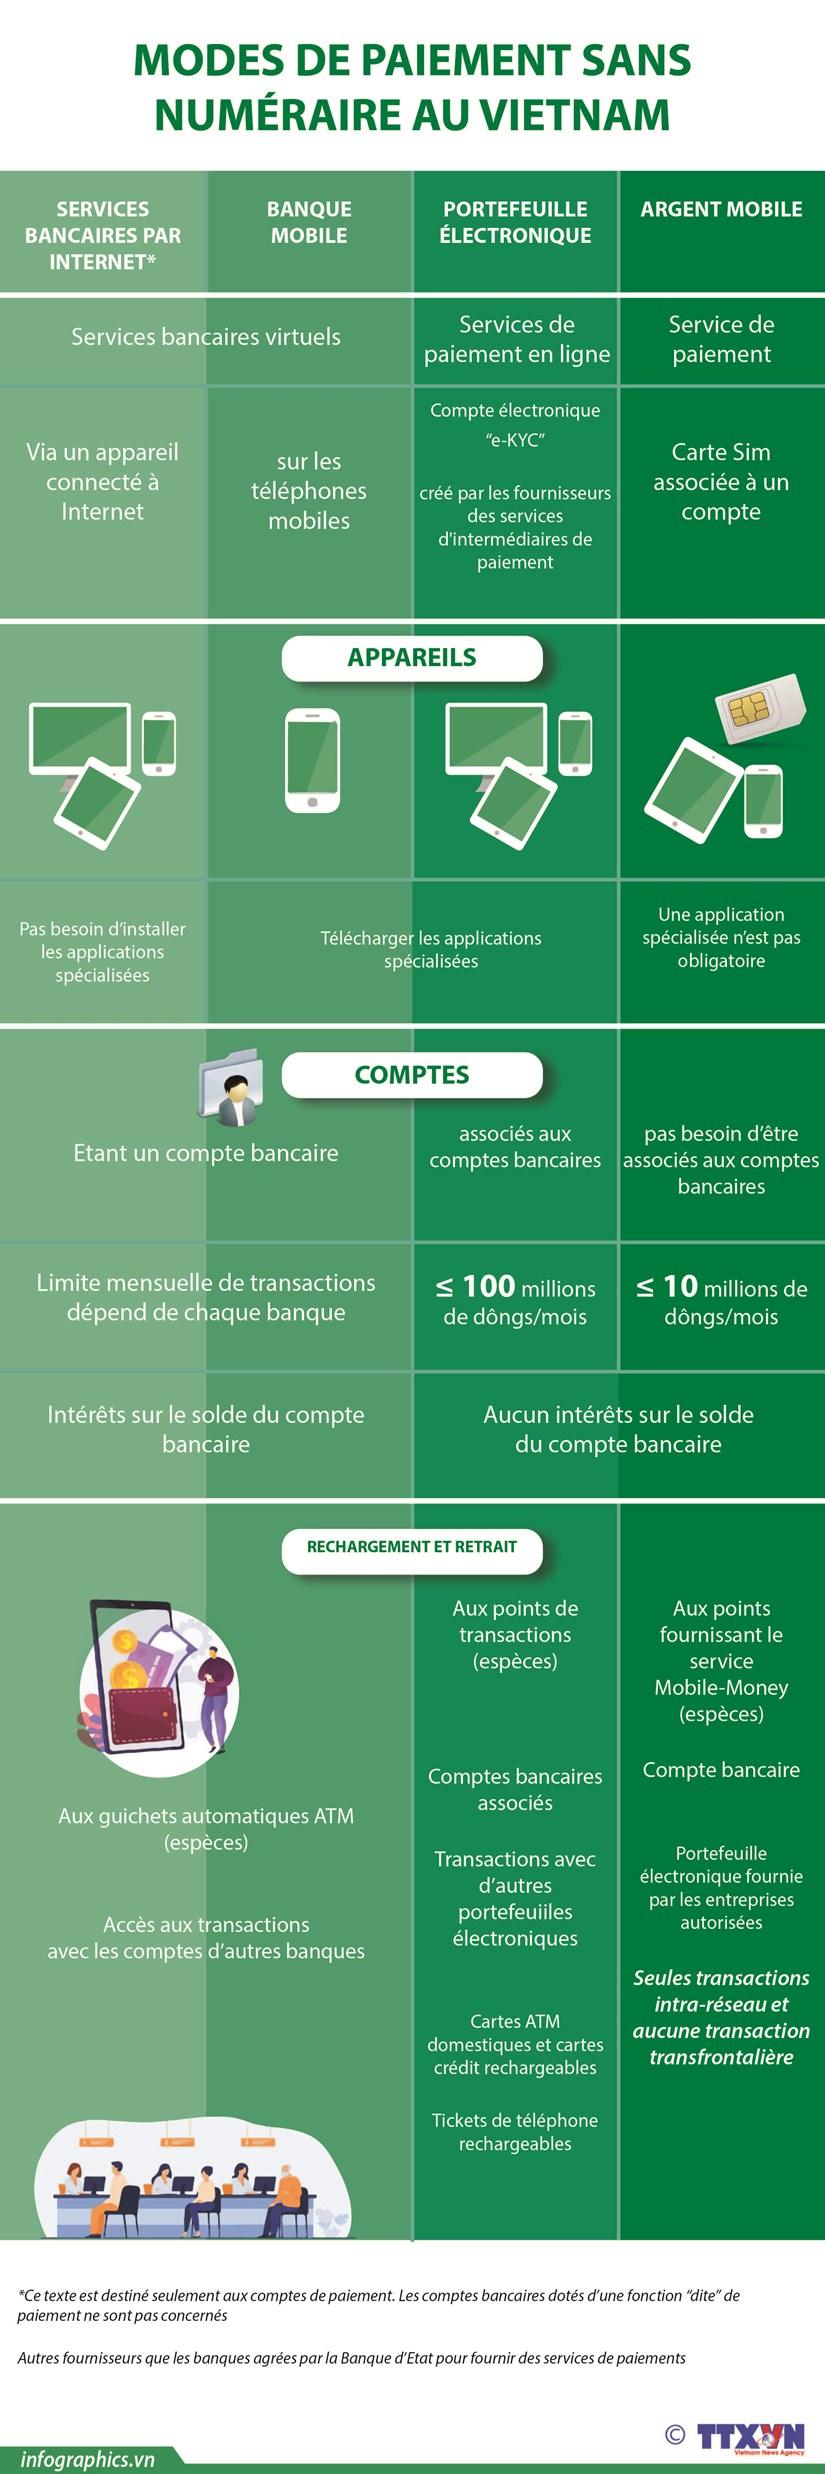 Modes de paiement sans numeraire au Vietnam hinh anh 1